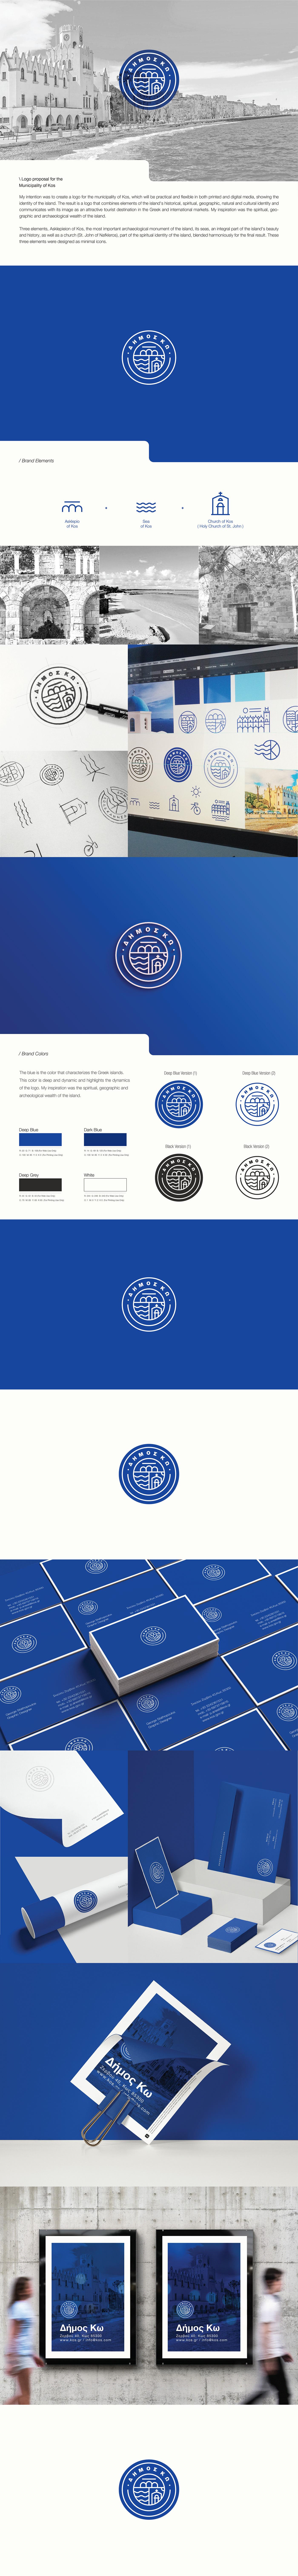 有設計感的26款徽章設計欣賞